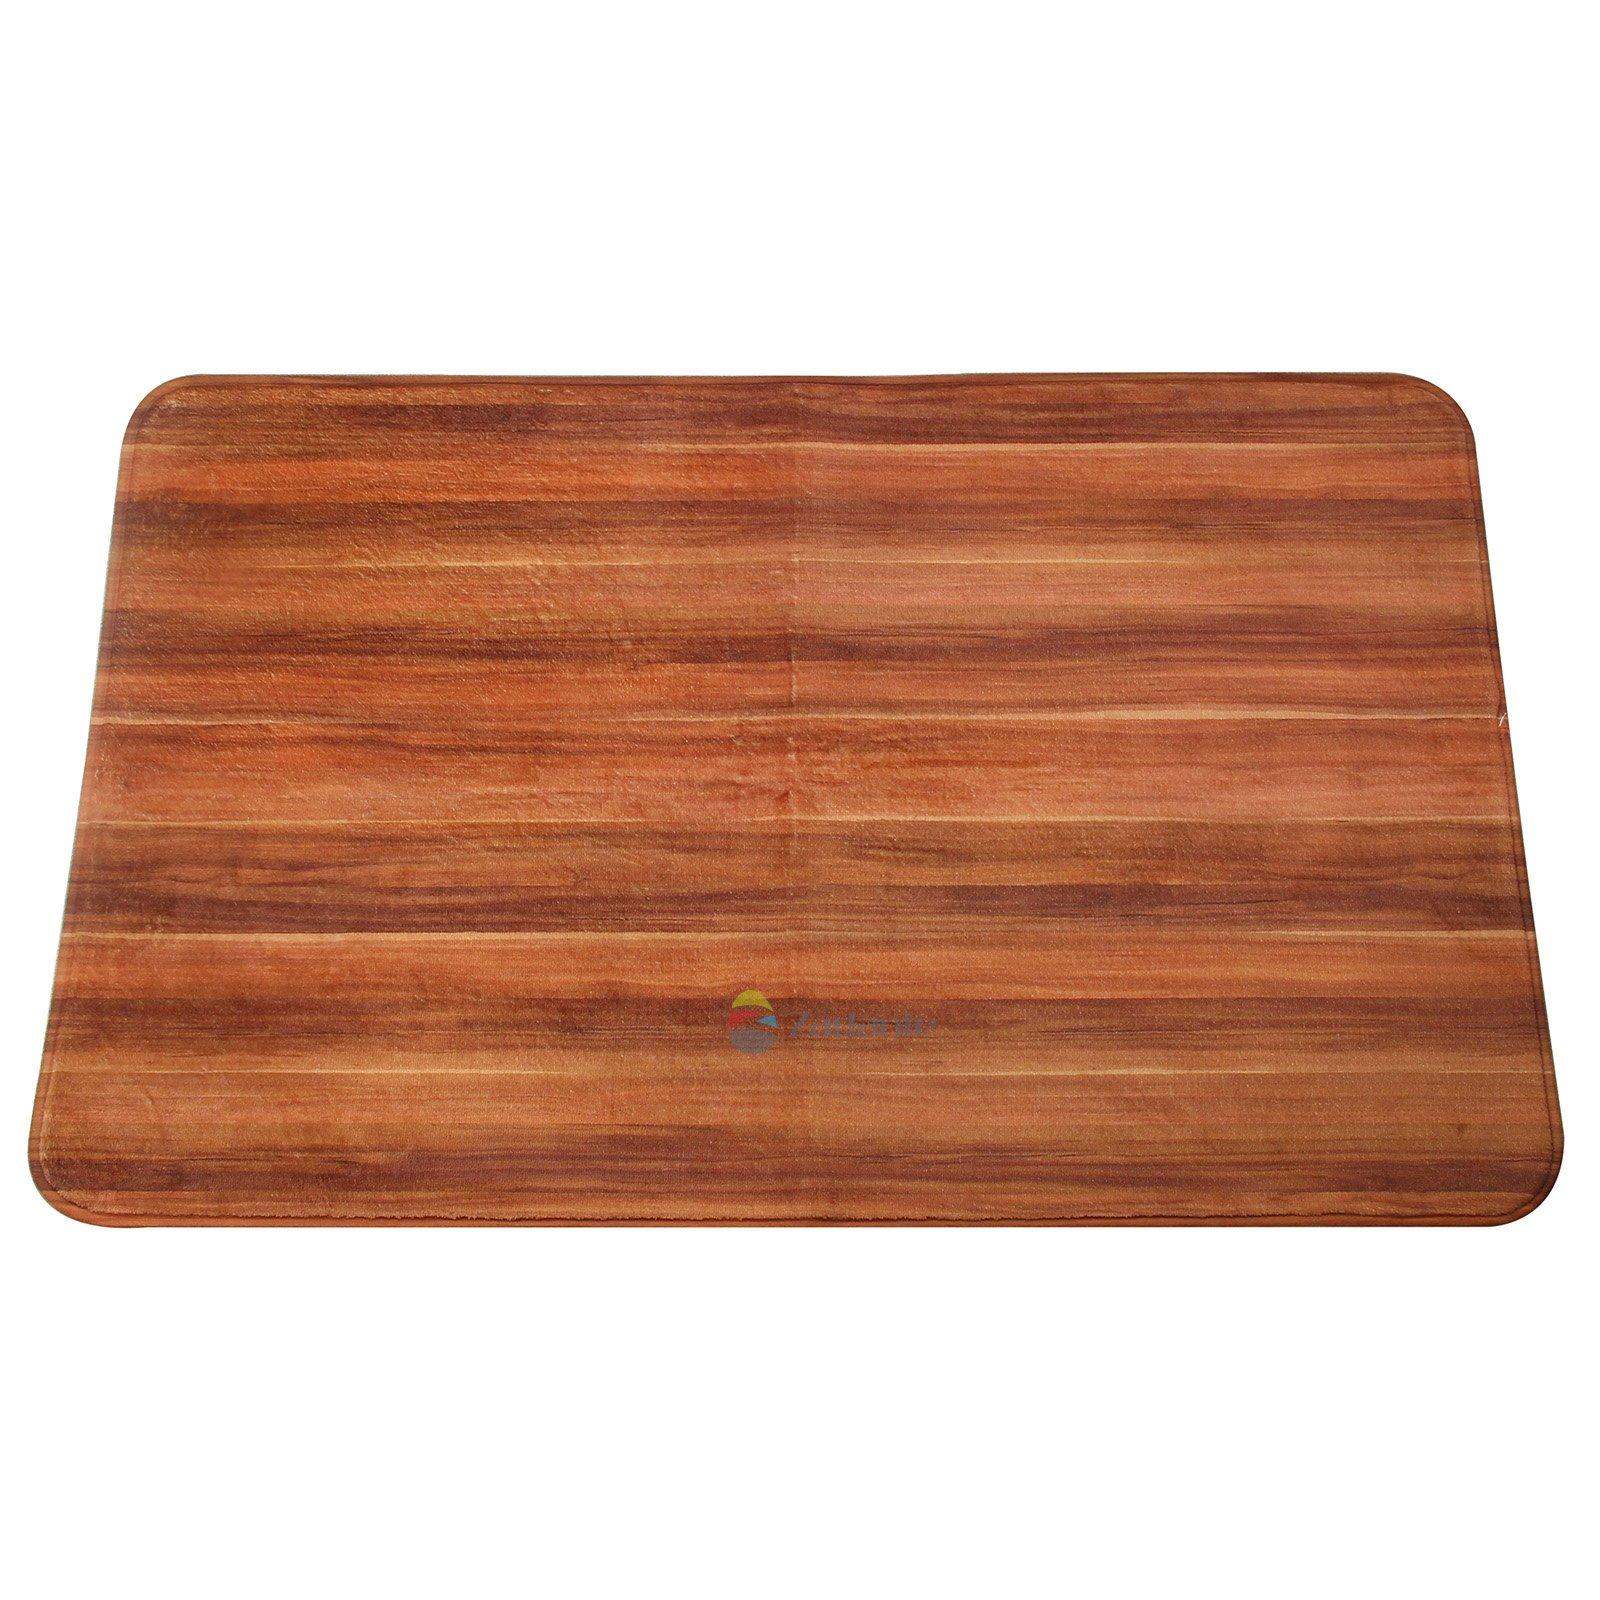 Newplenty Doormat Entrance Floor Rug Indoor Mat Non-slip Flannel for Bedroom Bathroom Living Room Kitchen Home Decorative 60x40CM (Wood Grain)